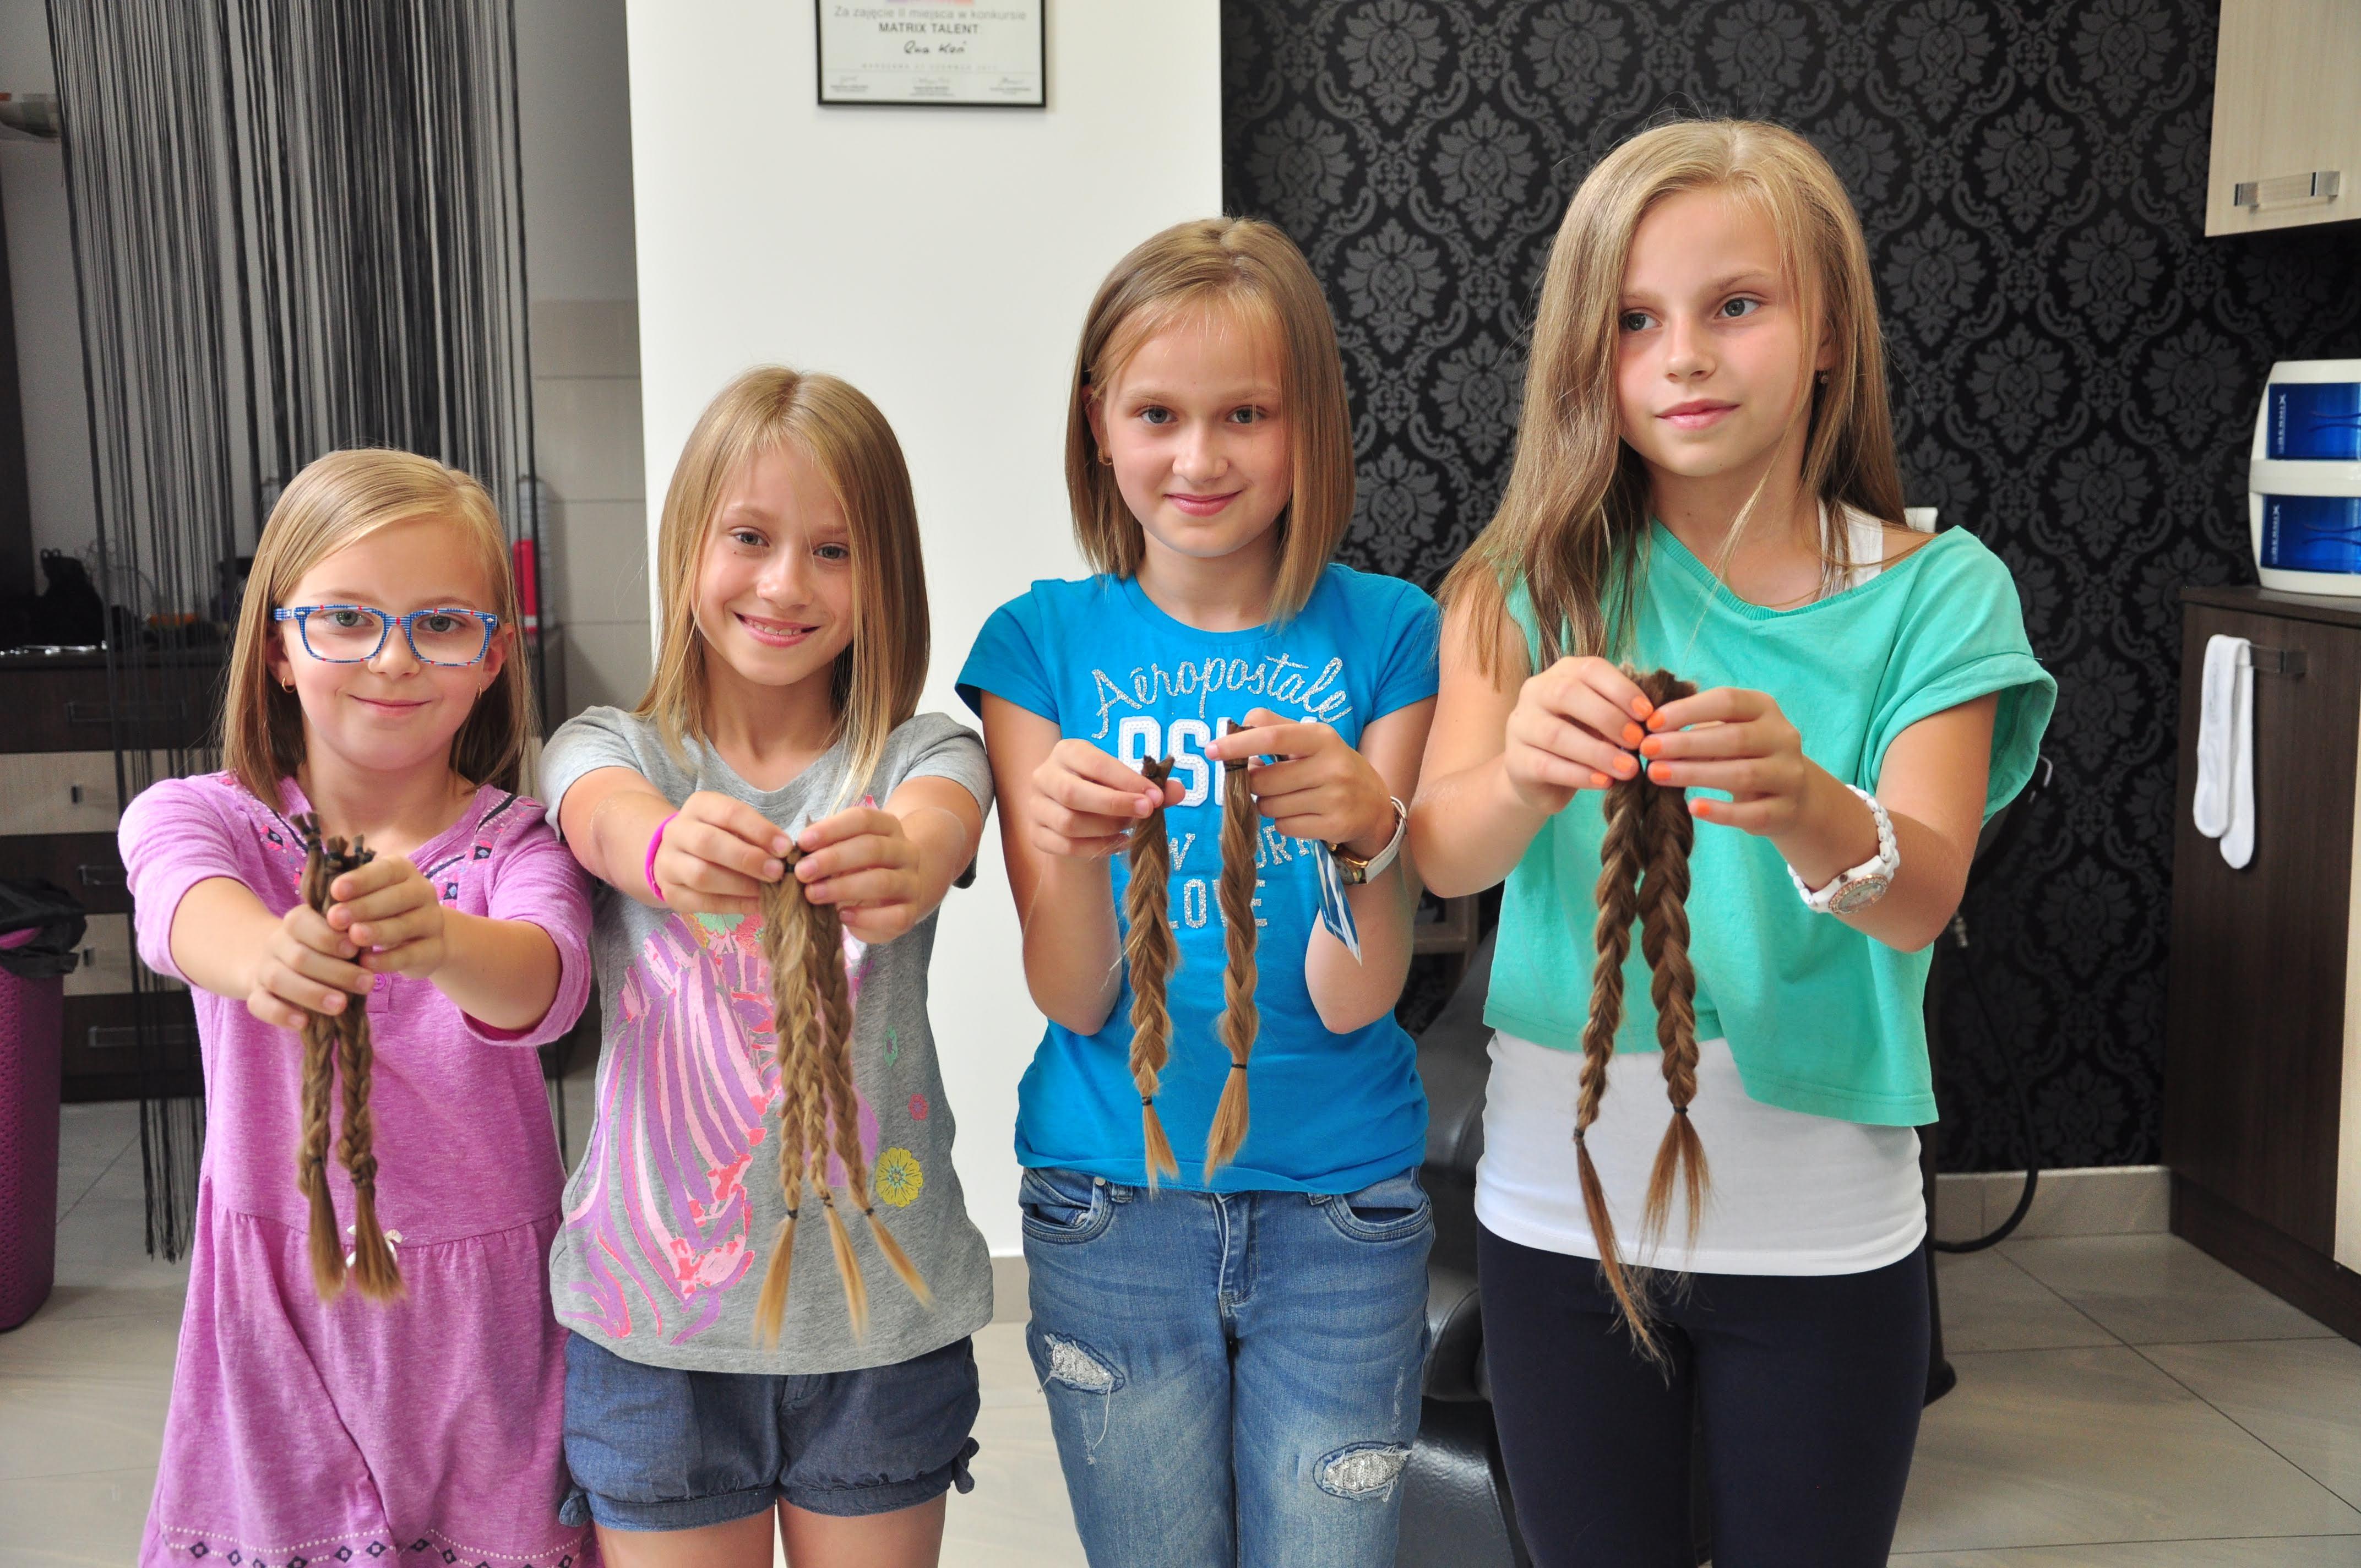 Kolbuszowa. Dziewczynki z Kopci oddały swoje włosy na akcję Fundacji Rak'n'Roll [ZDJĘCIA] - Zdjęcie główne